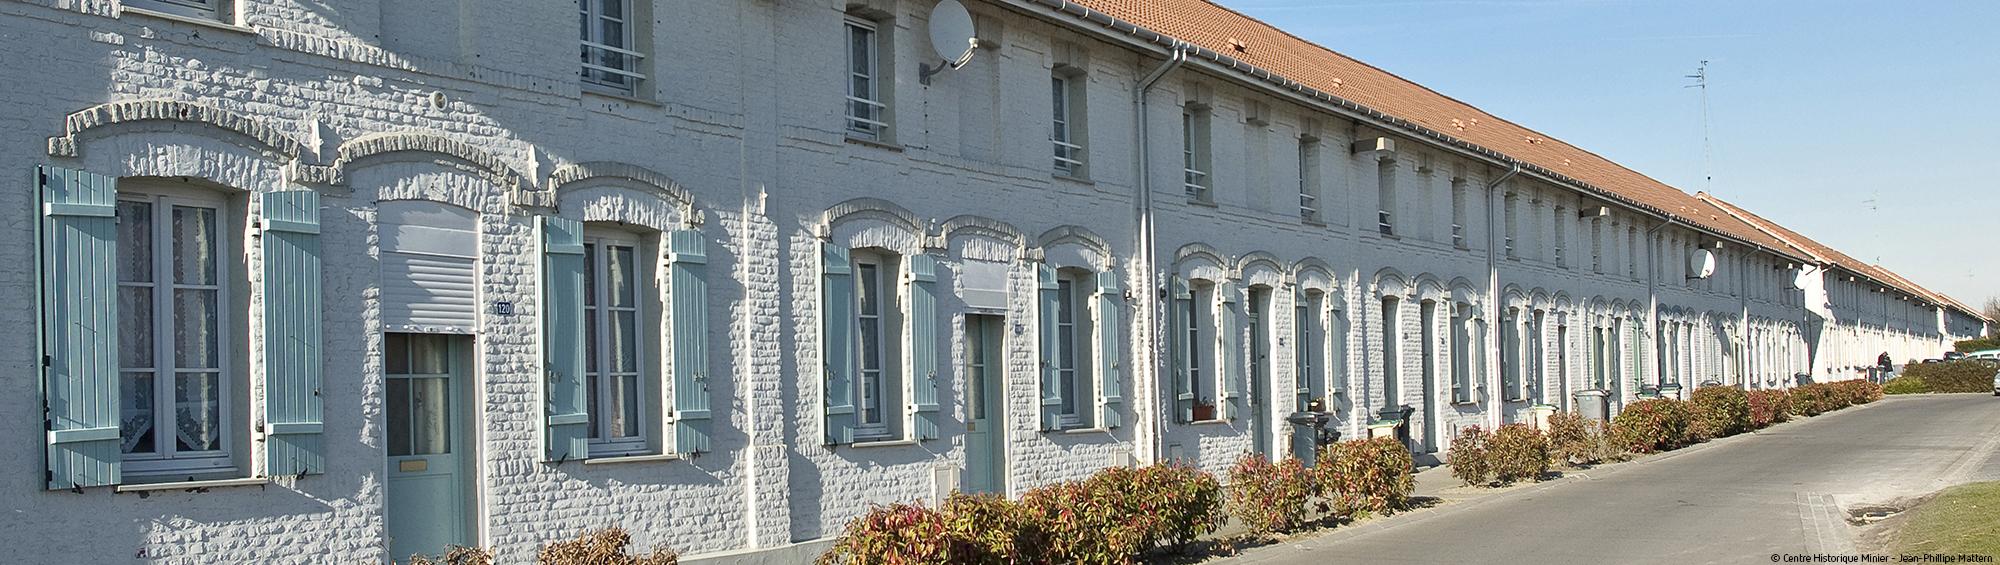 Coron des 120 à Anzin et Valenciennes © Centre Historique Minier, Jean-Philipe Mattern